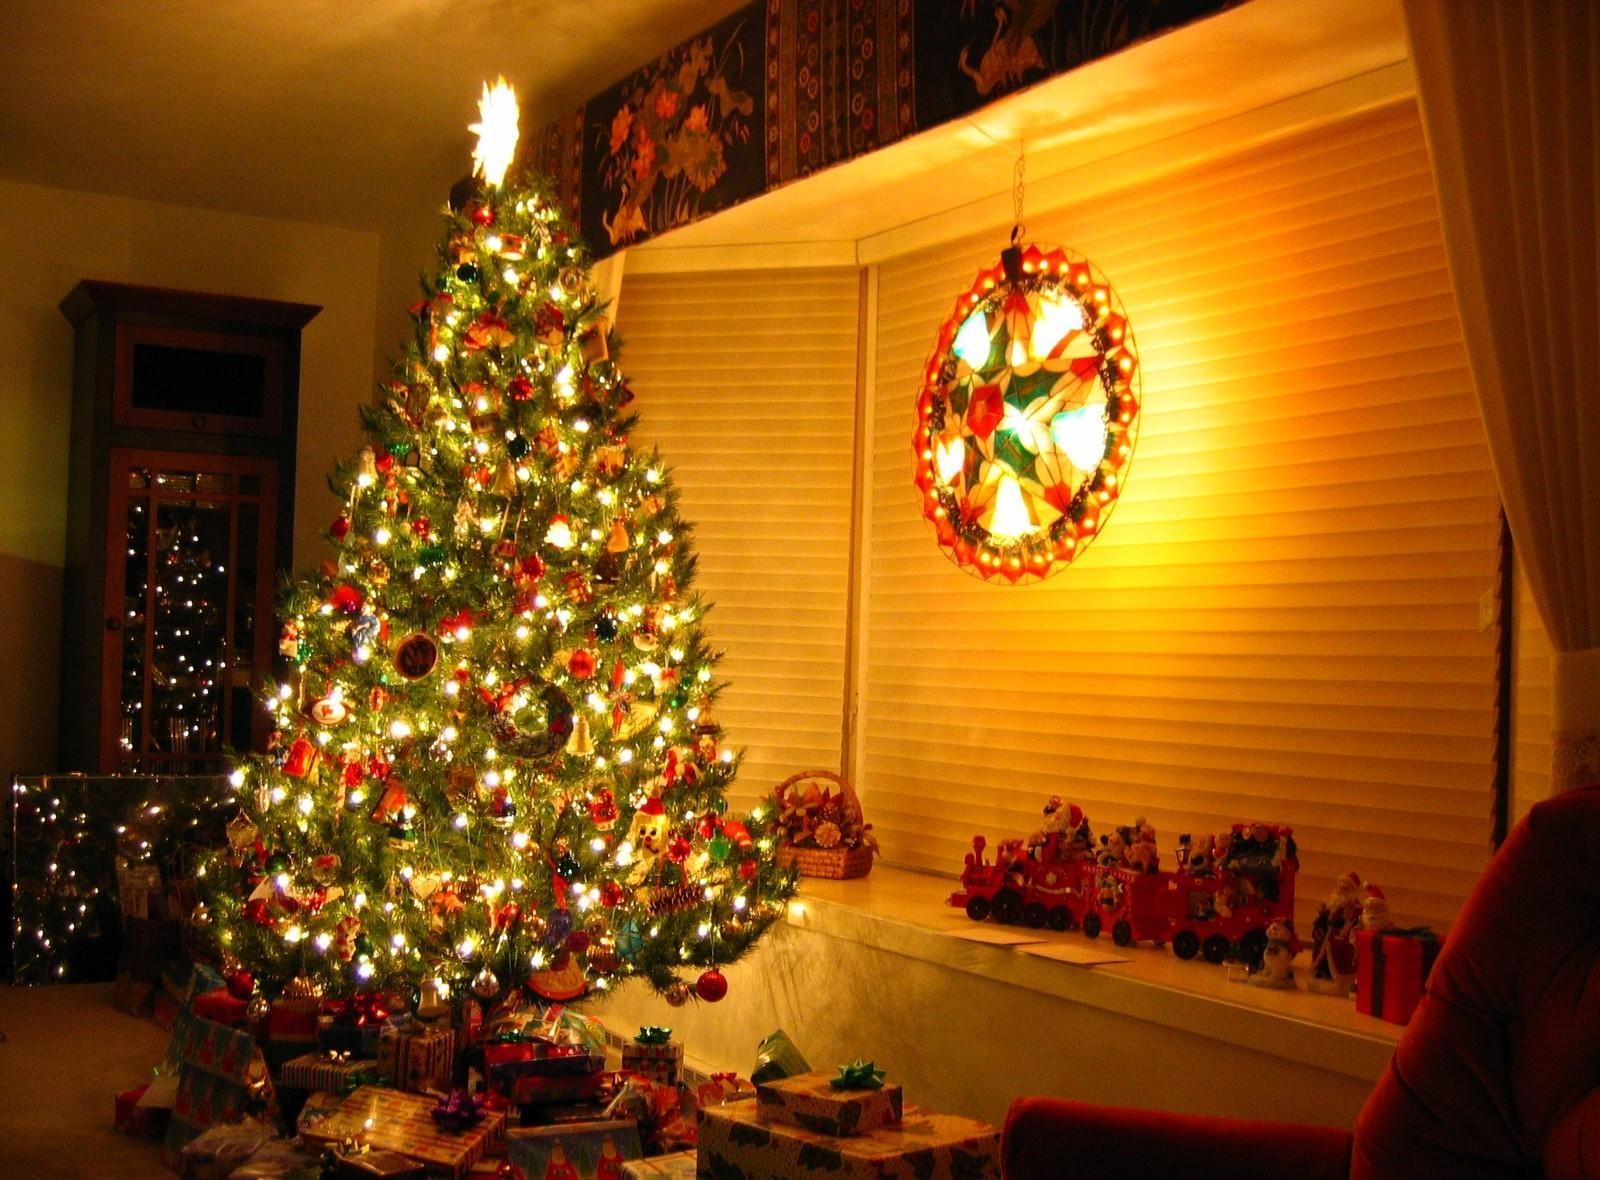 126437 Hintergrundbild herunterladen Feiertage, Neujahr, Dekoration, Spielzeug, Weihnachten, Neues Jahr, Urlaub, Haus, Weihnachtsbaum, Garland, Girlanden, Die Geschenke, Geschenke - Bildschirmschoner und Bilder kostenlos